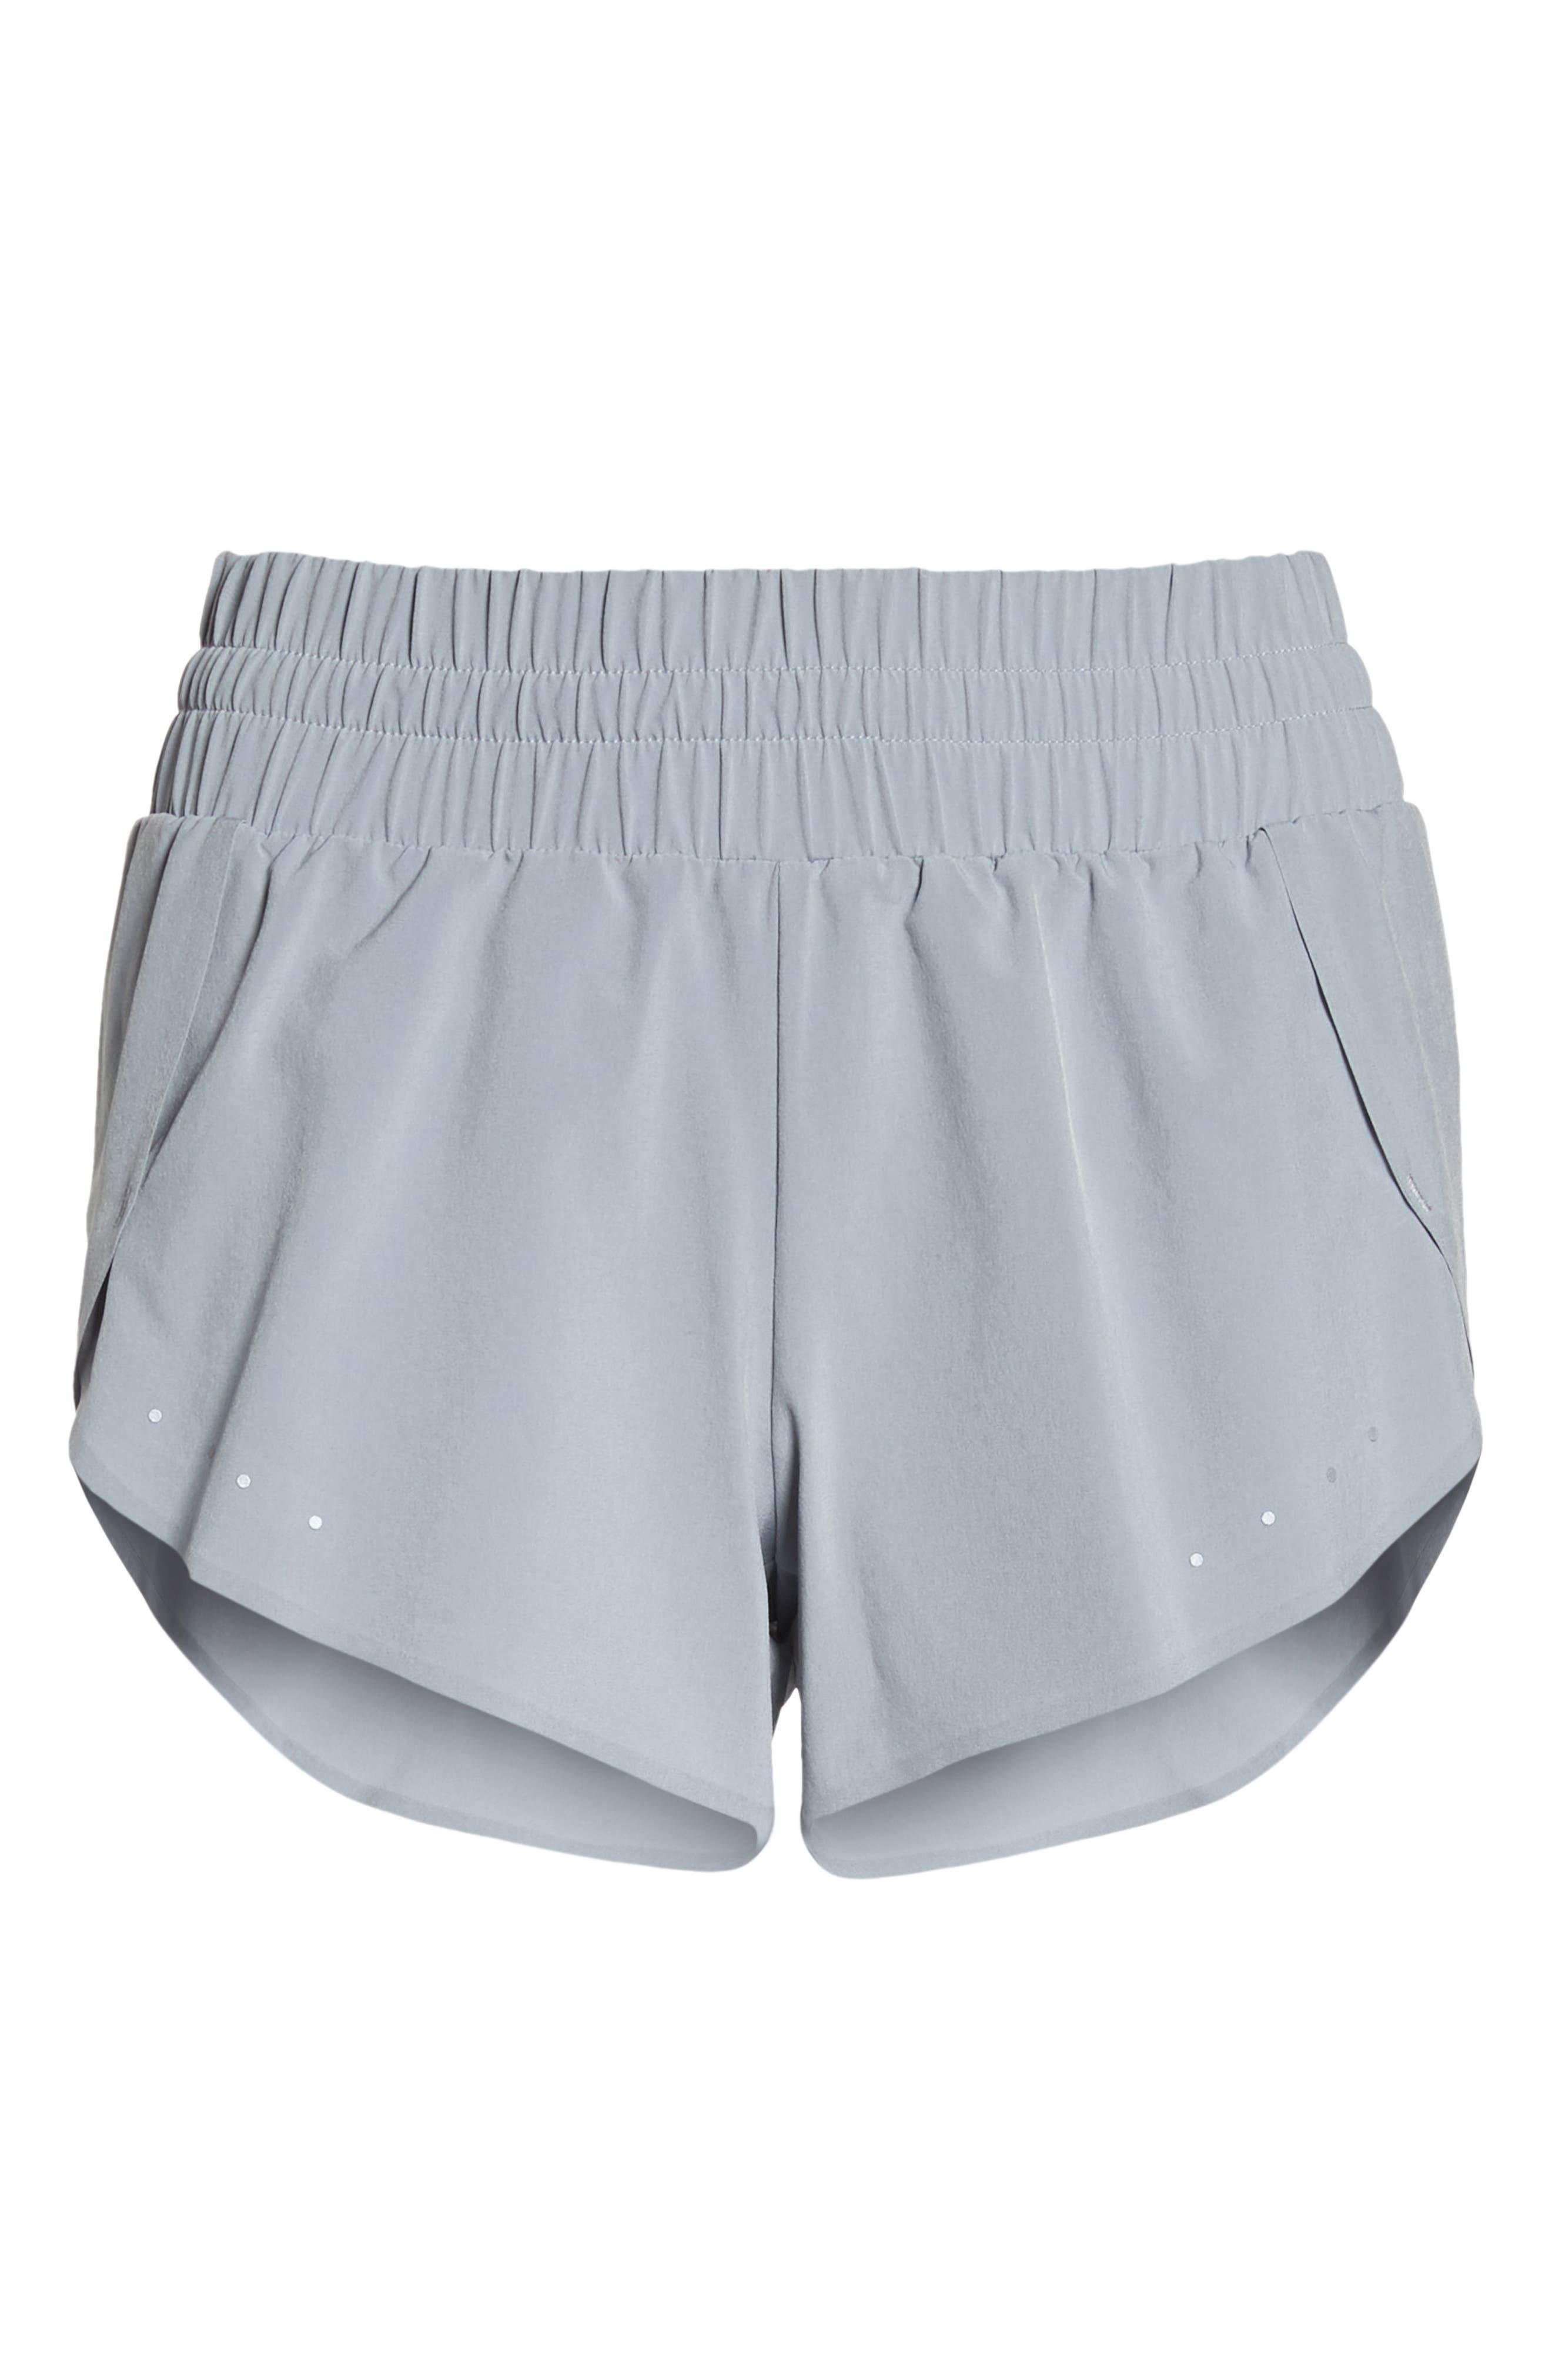 Run Play Shorts,                             Alternate thumbnail 7, color,                             Grey Wolf